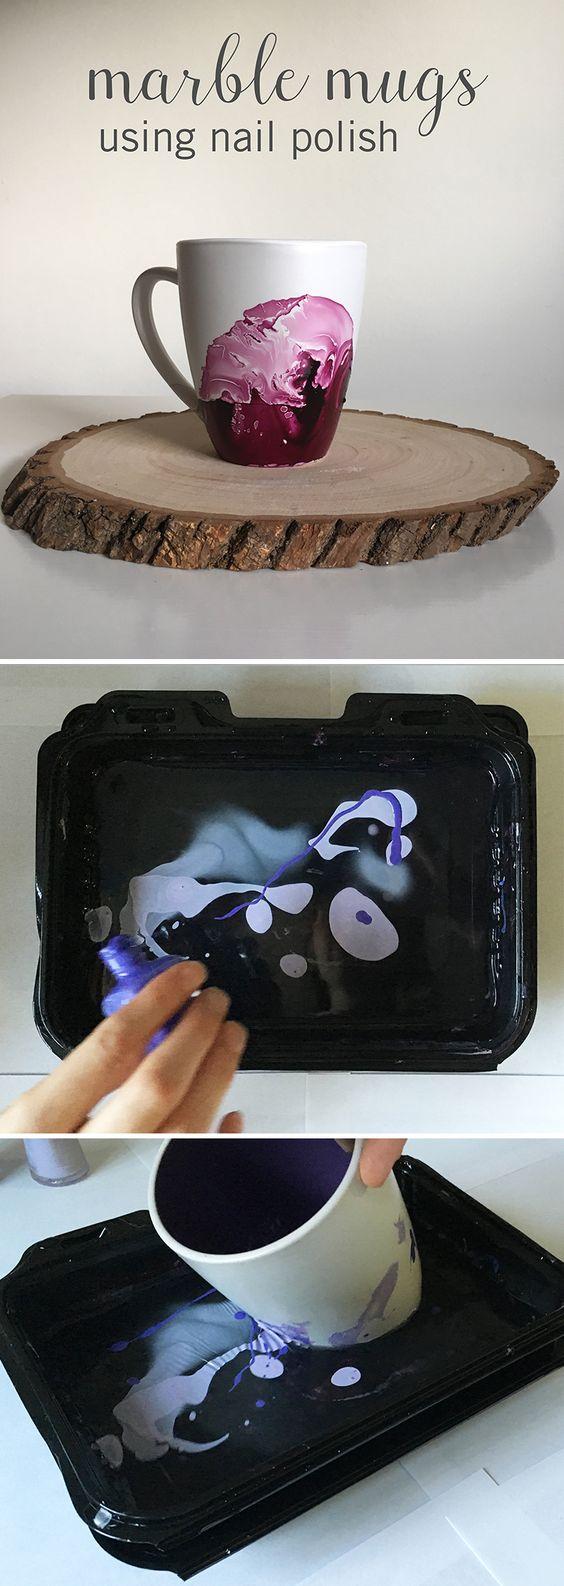 DIY Marble Mugs Using Nail Polish.